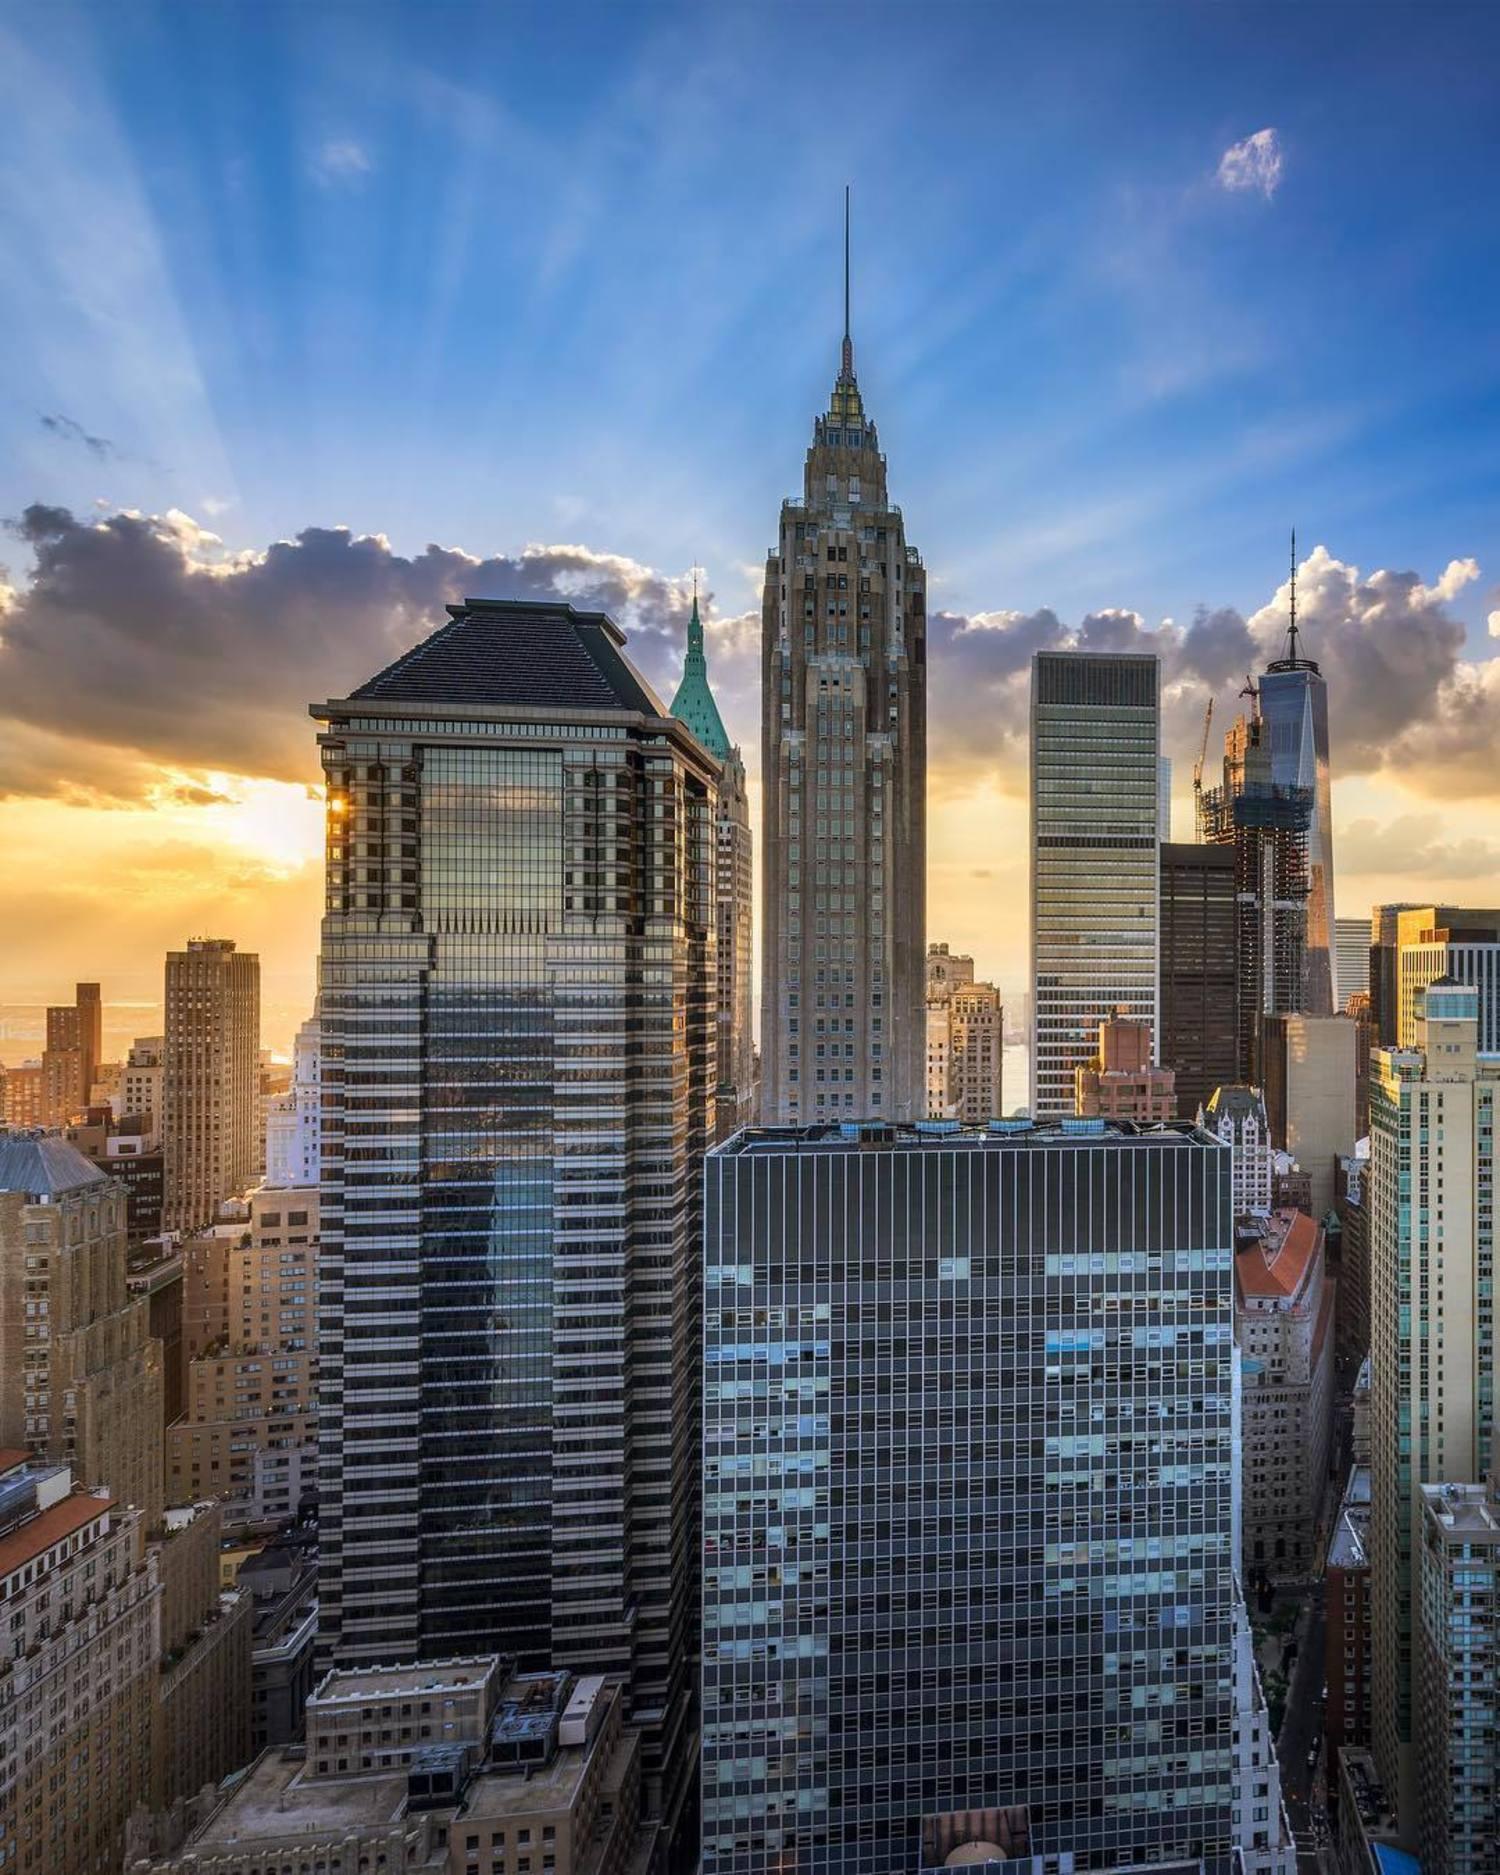 Sunset over Financial District, Manhattan